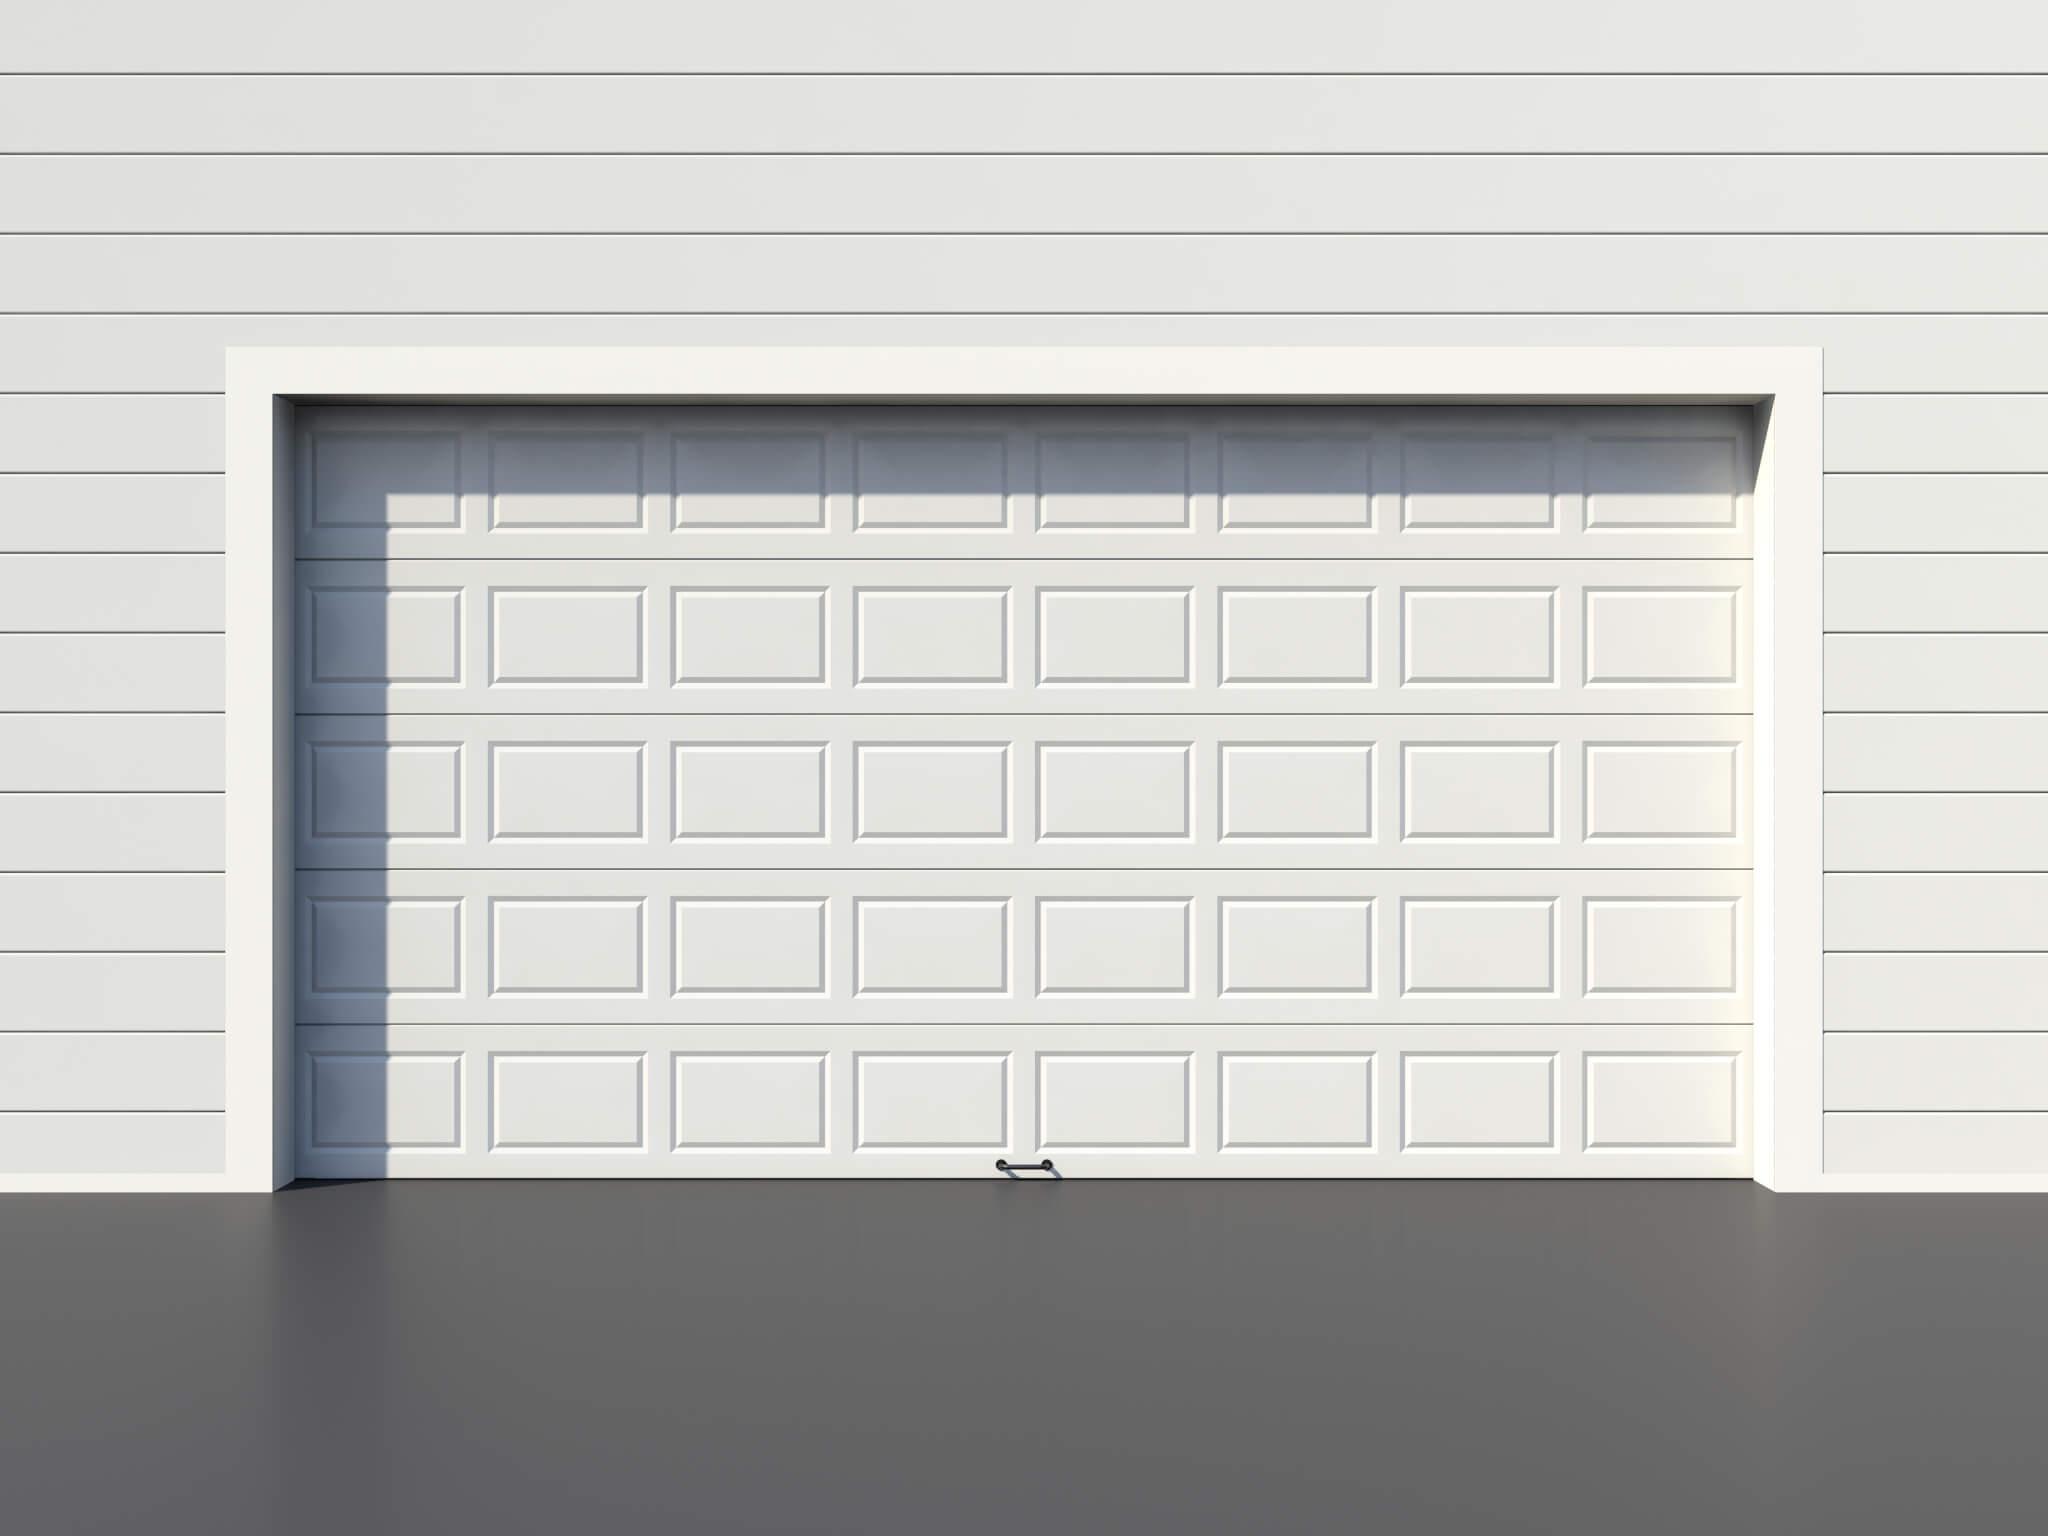 How to Measure a Door